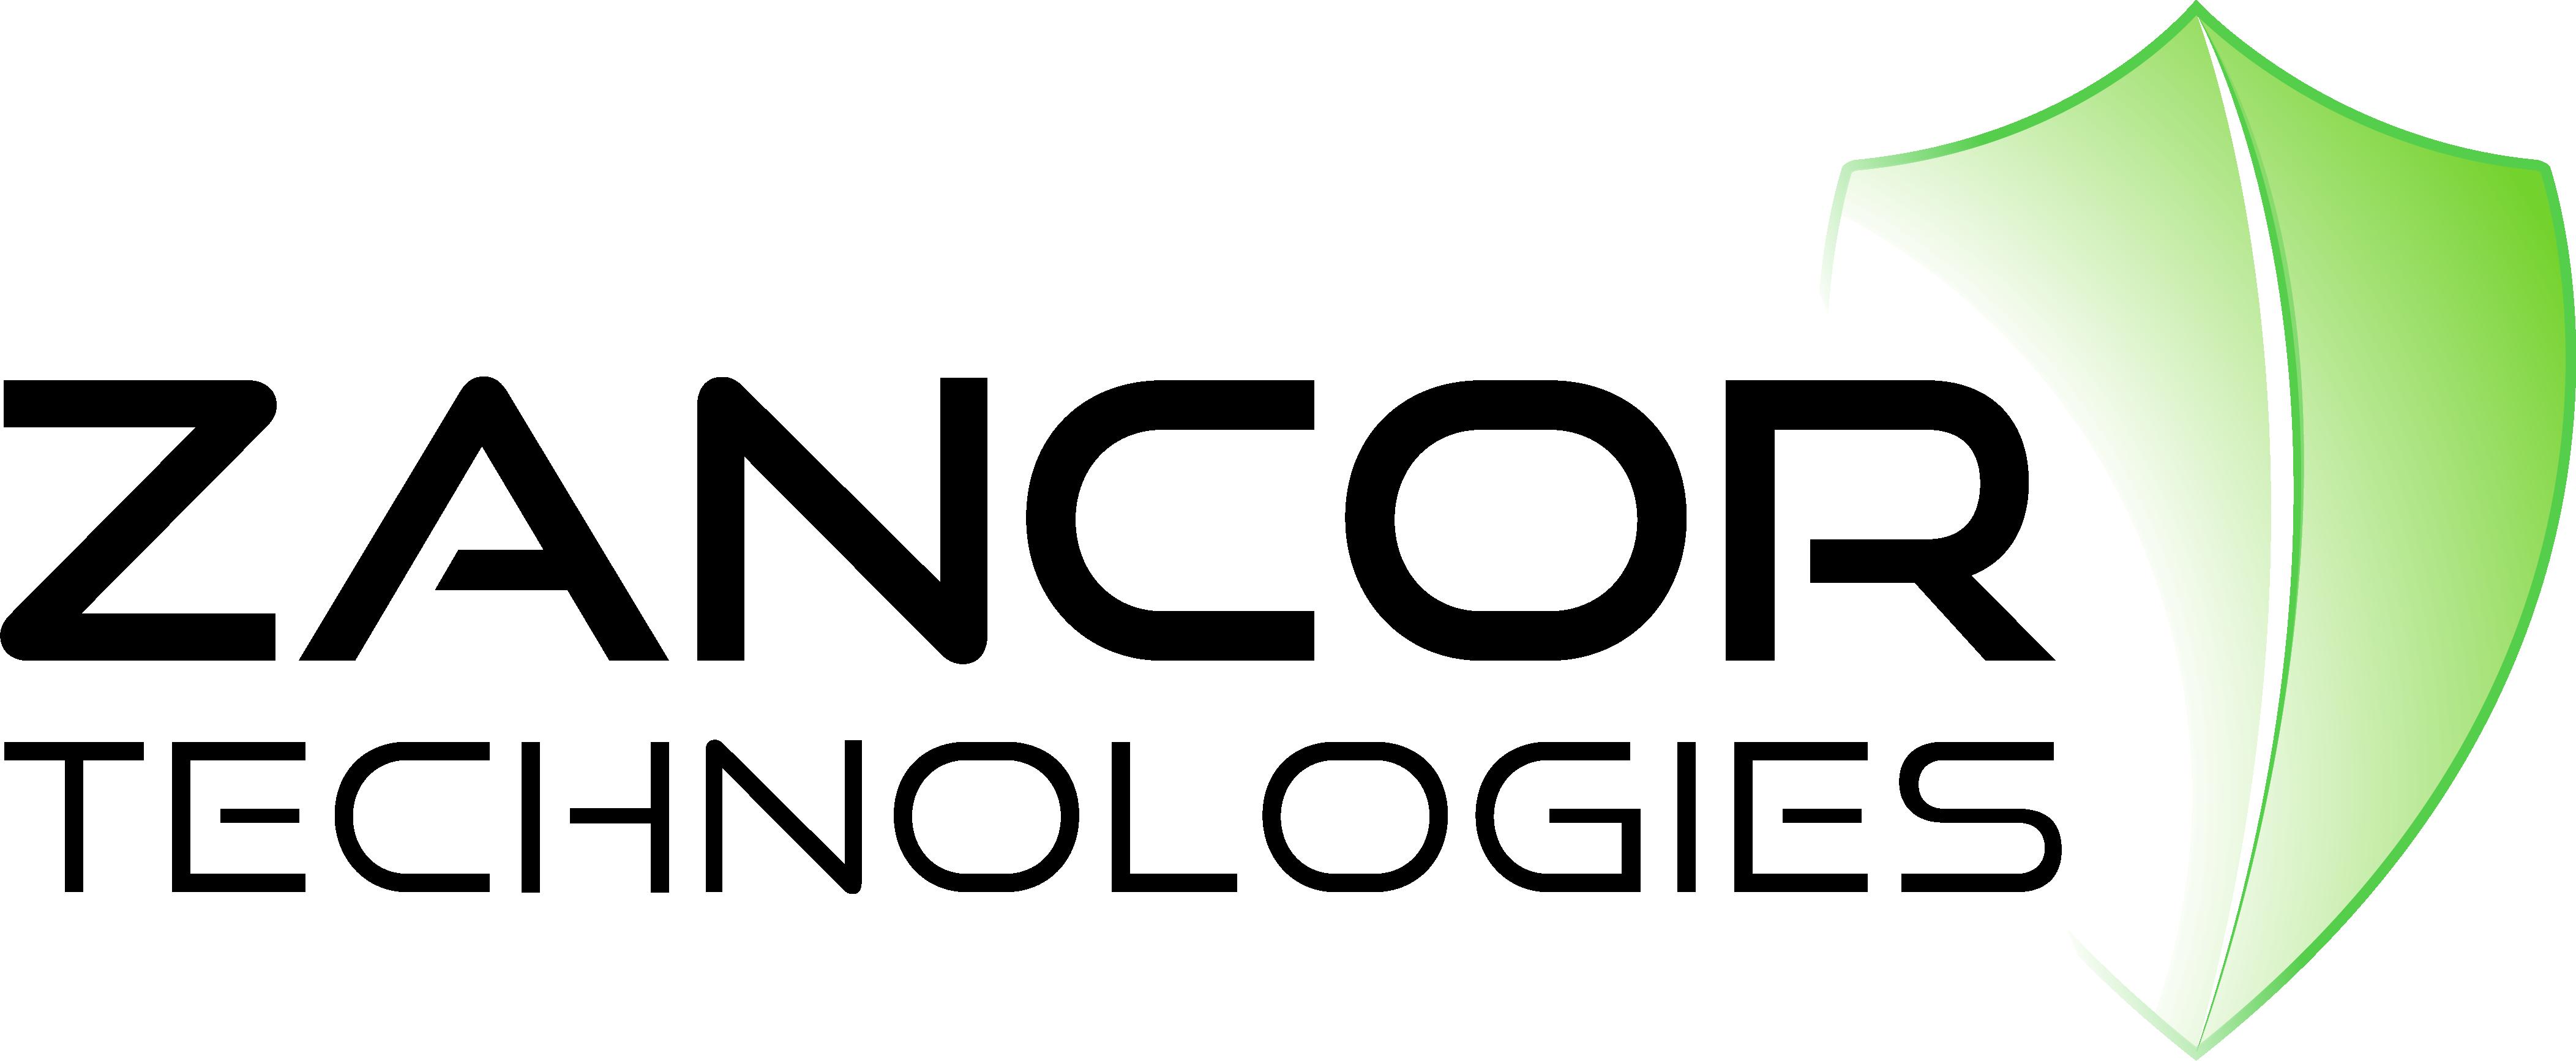 Zancor Technologies